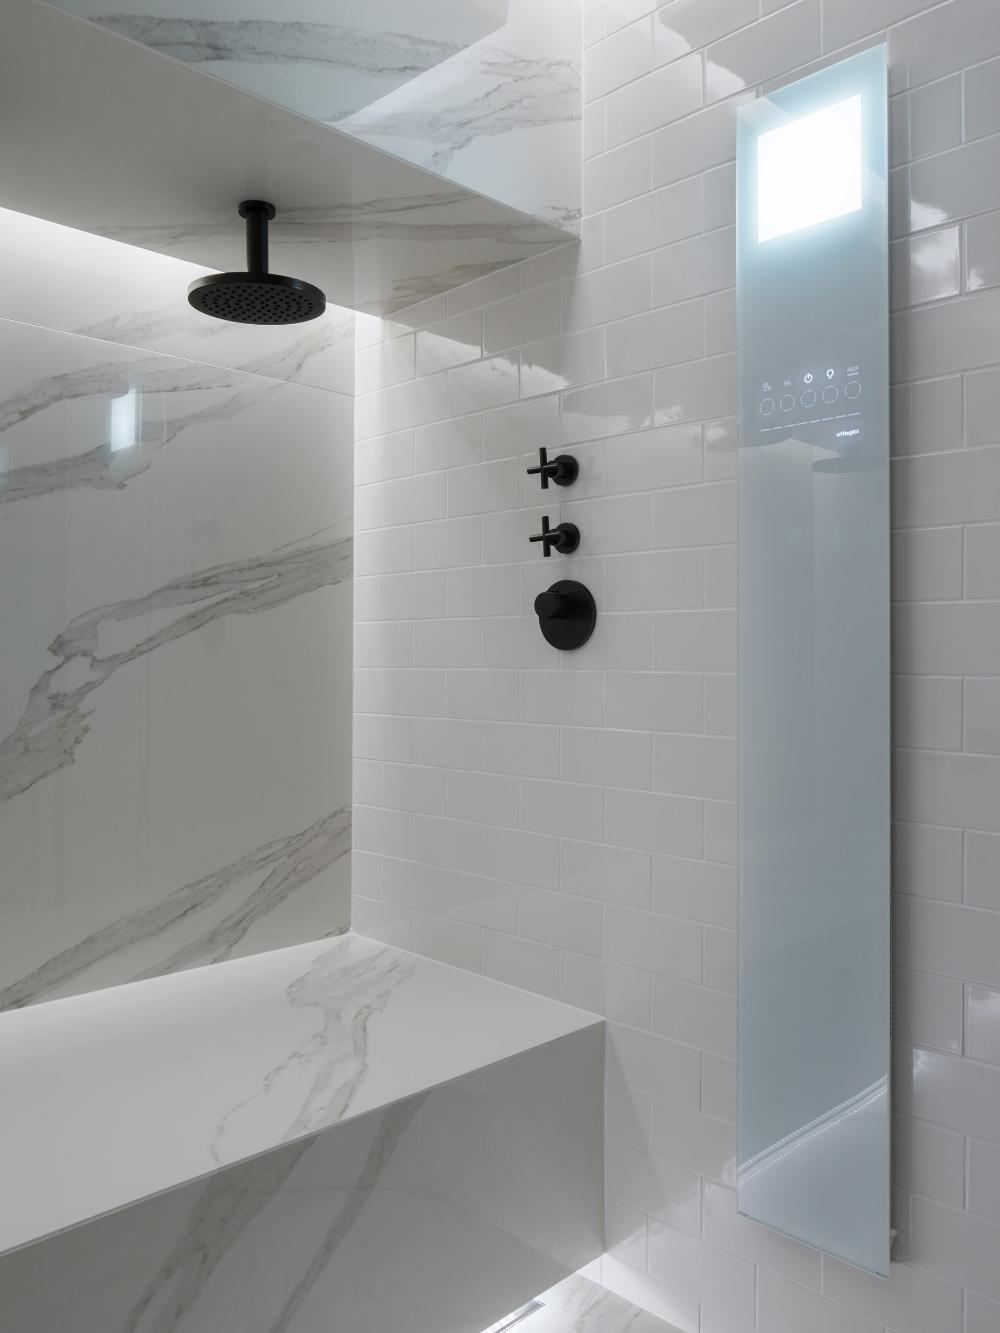 Battersea Luxury Bathroom Showroom Bathroom Showrooms Bathroom